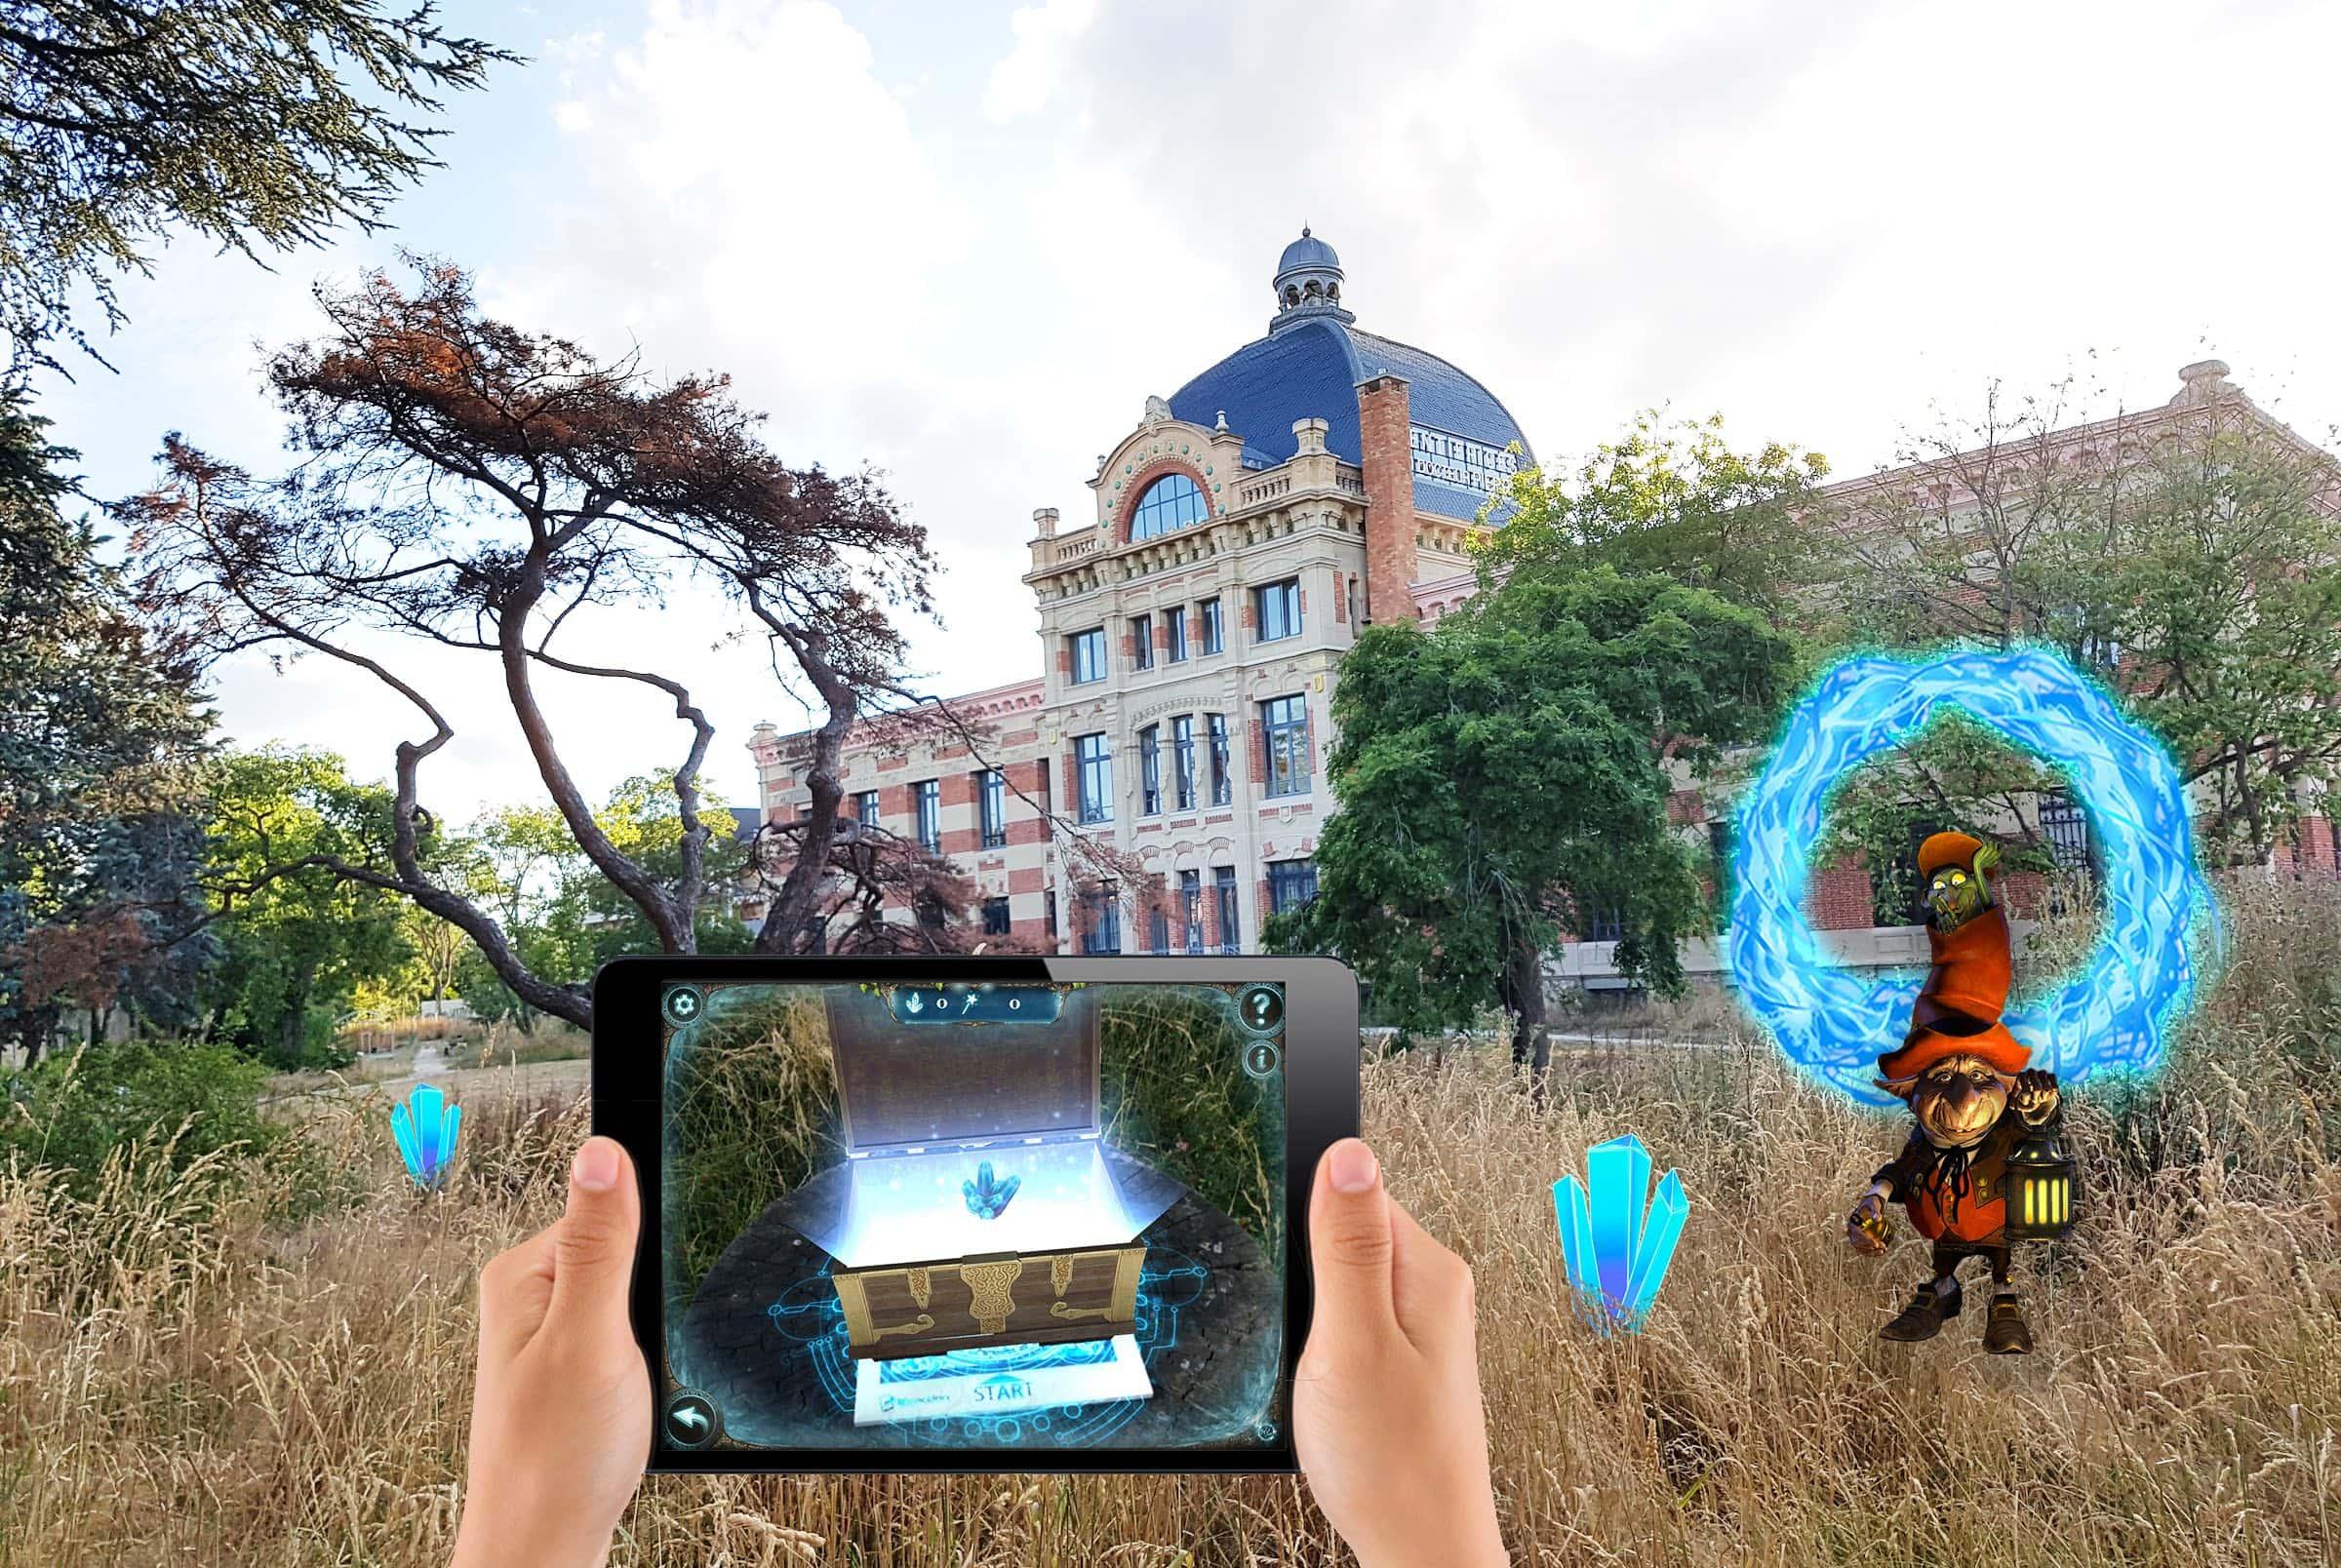 Activité de l'escape game en extérieur, armé d'une tablette : le portail magique.